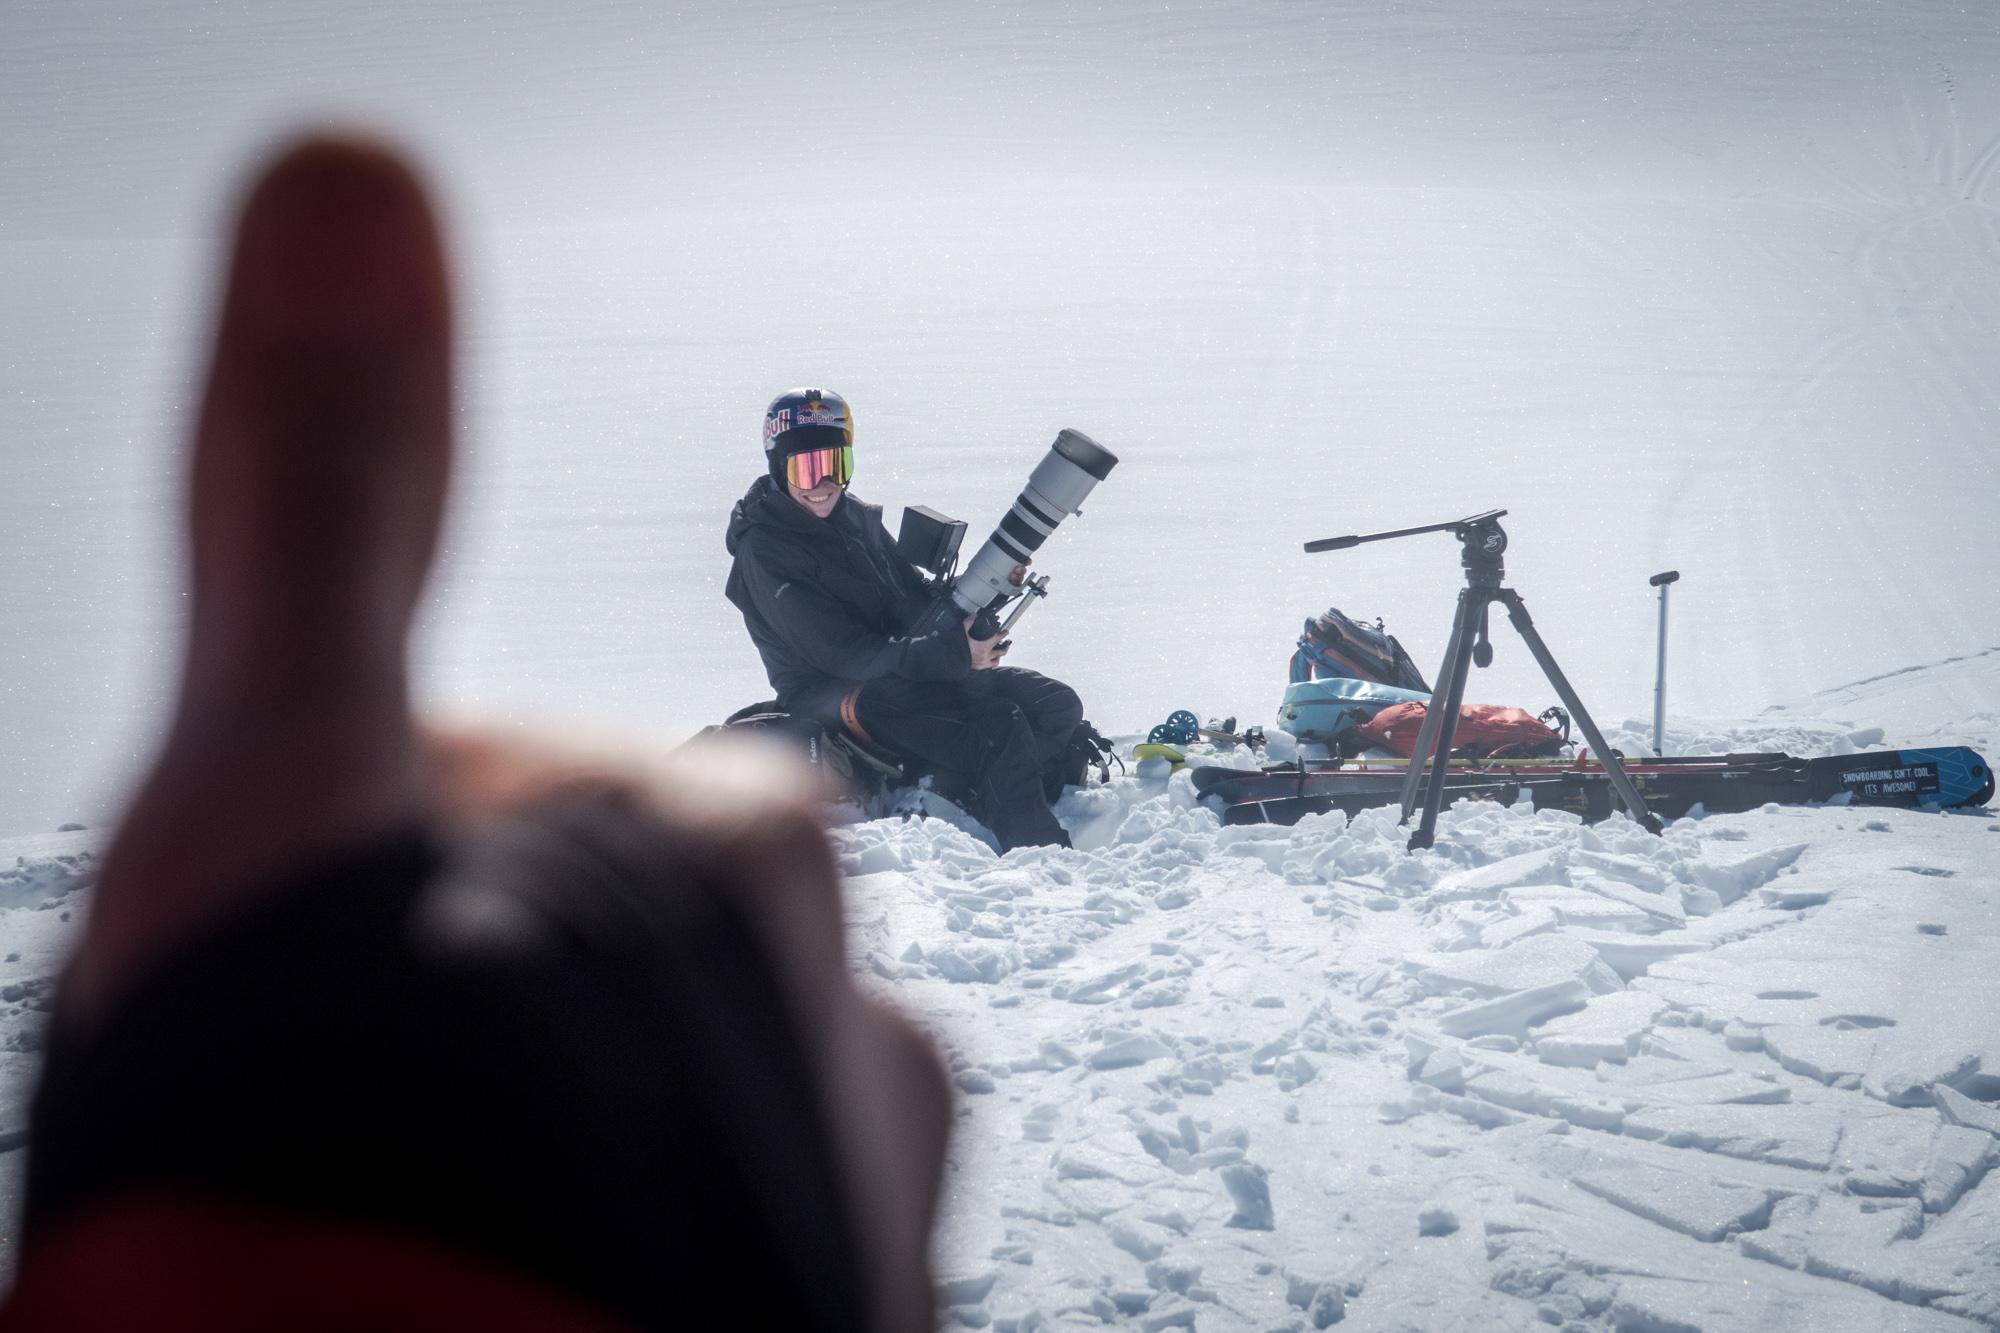 Pro Filmer Michael Haunschmidt